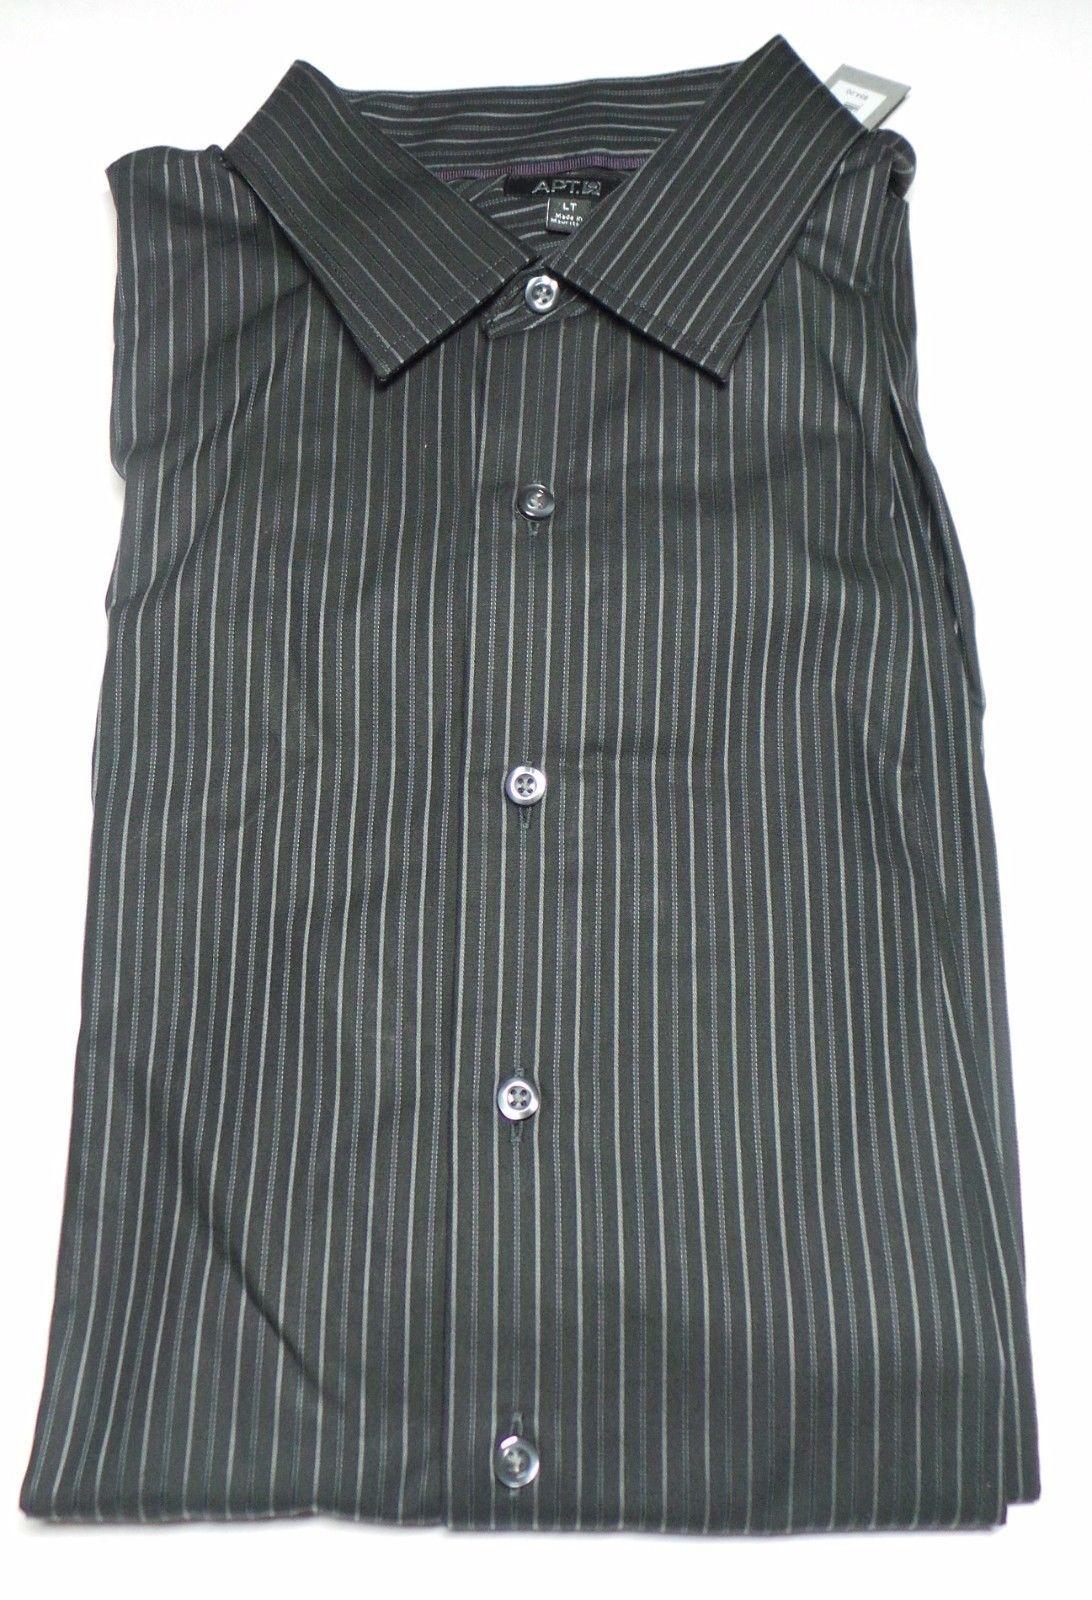 Apt 9 Full Sleeves Big Tall Mens Dress Shirt Size L T